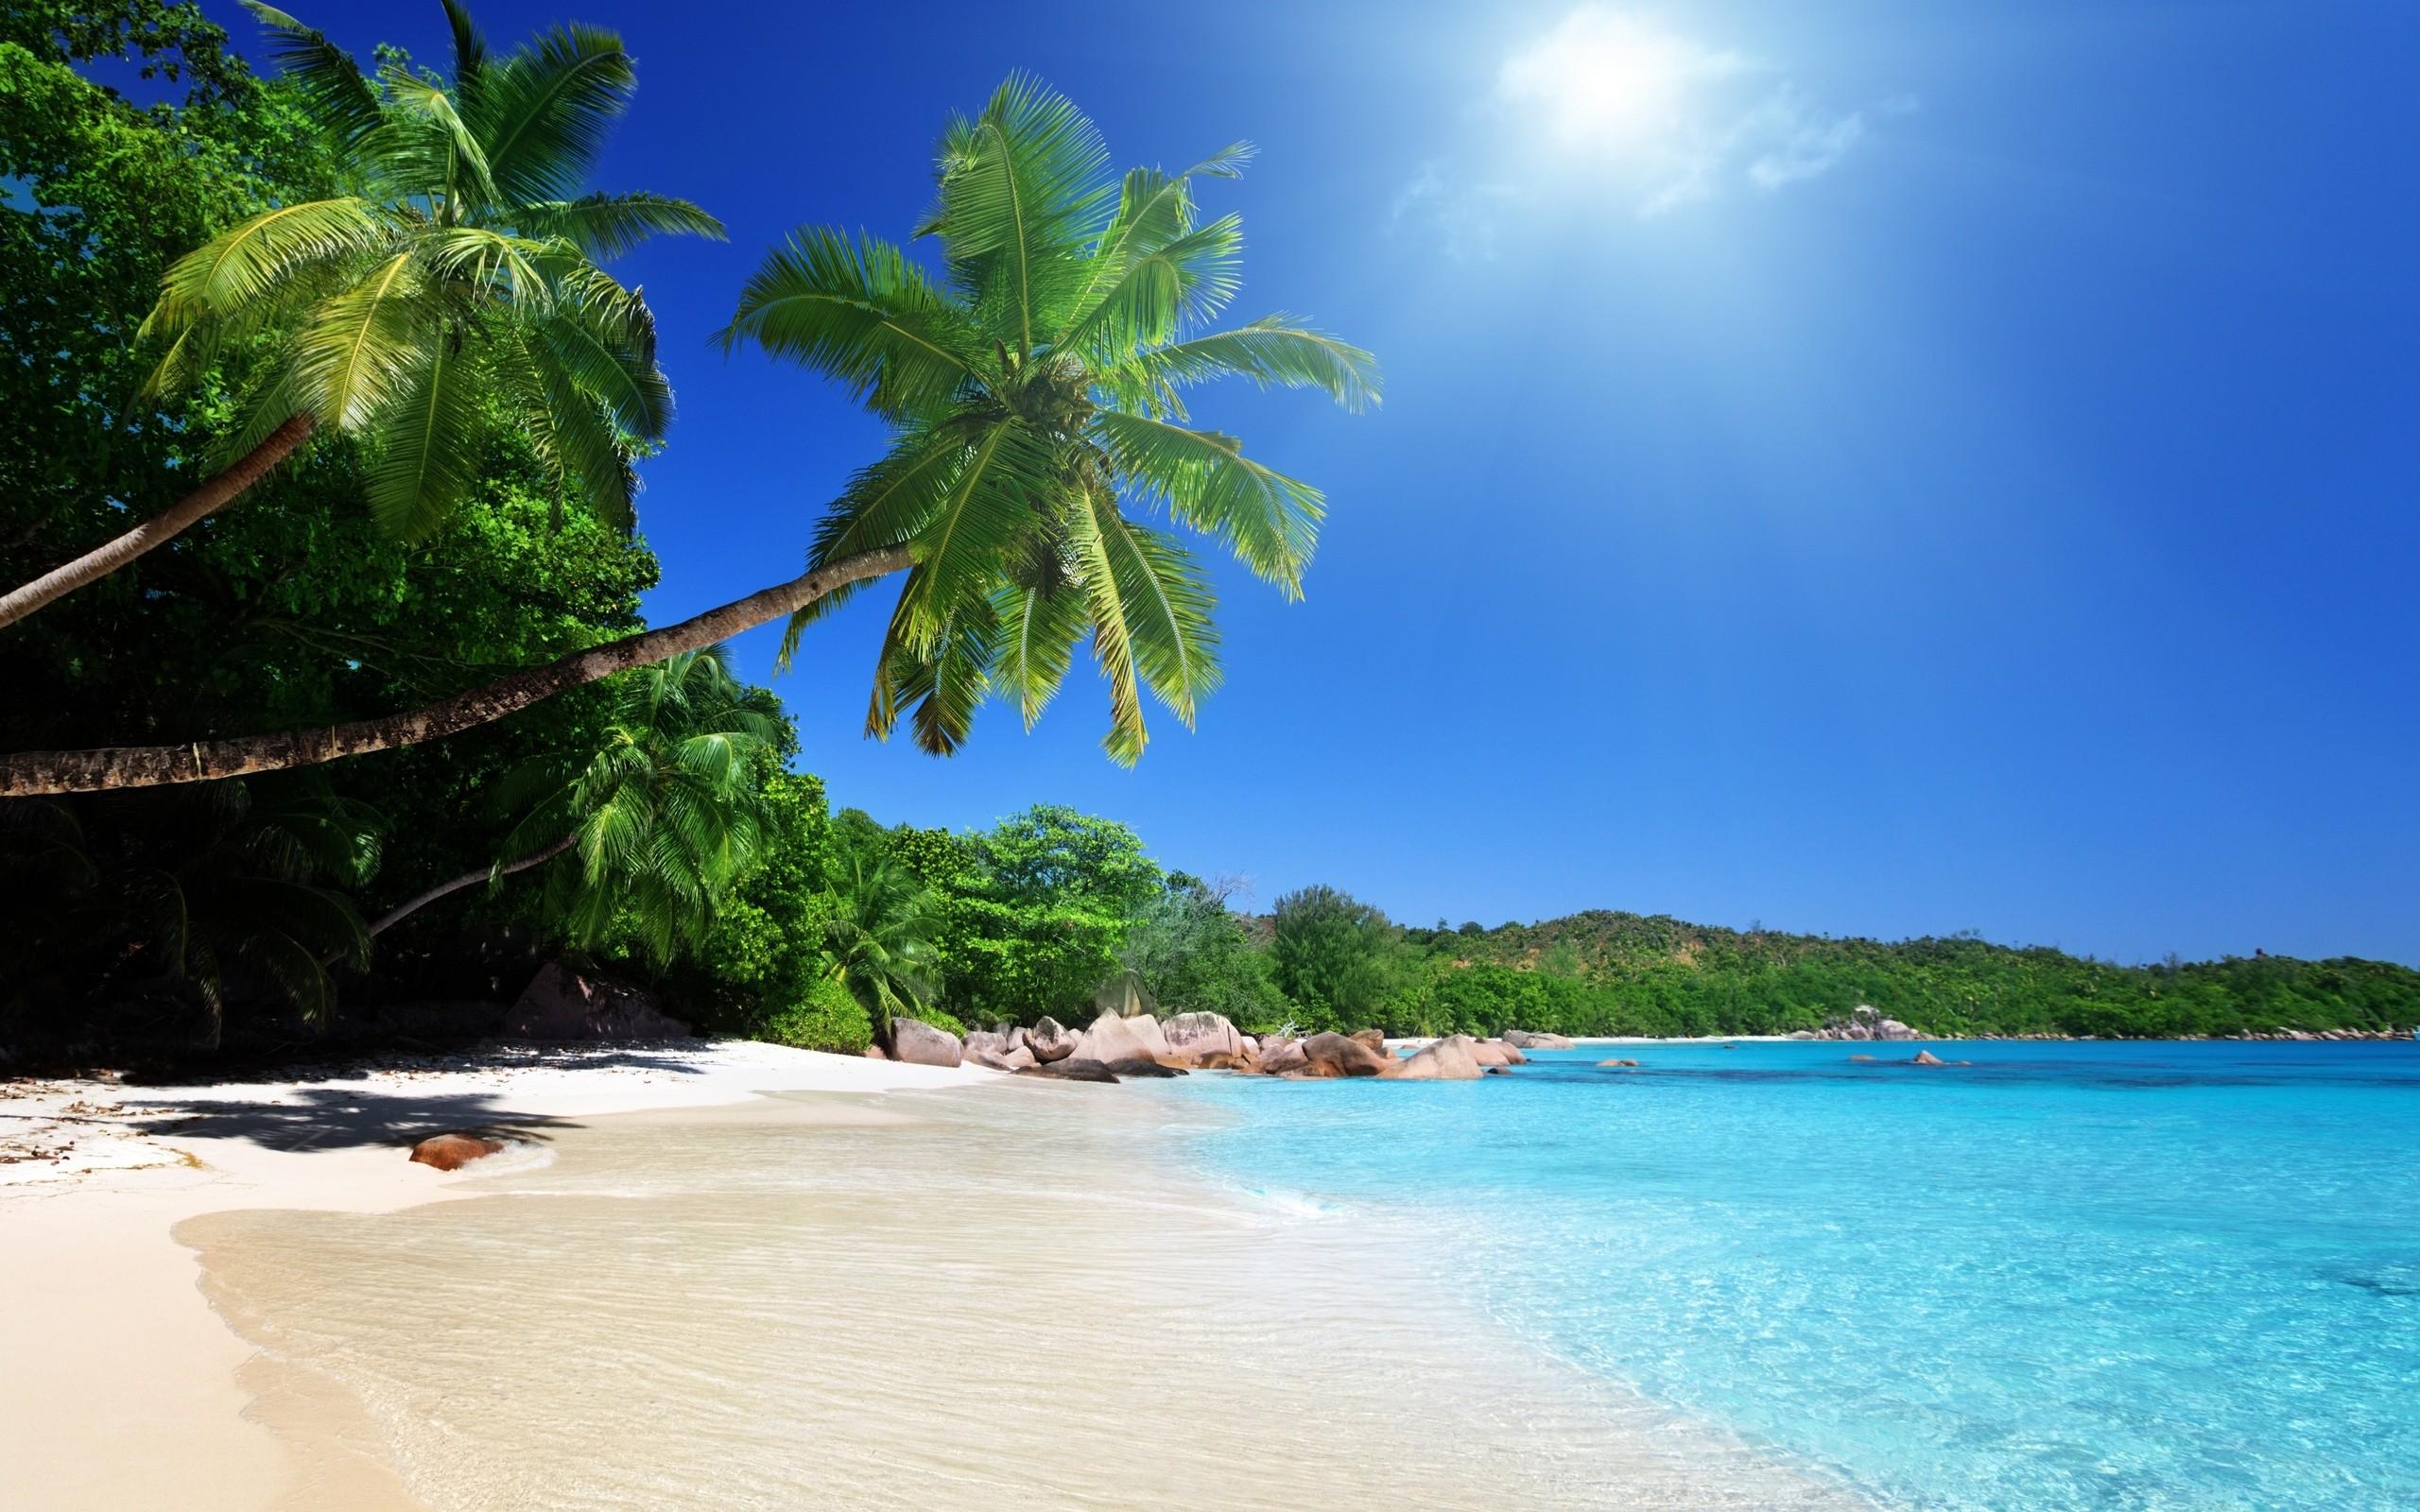 Sunny Beach Desktop Wallpaper #6960518